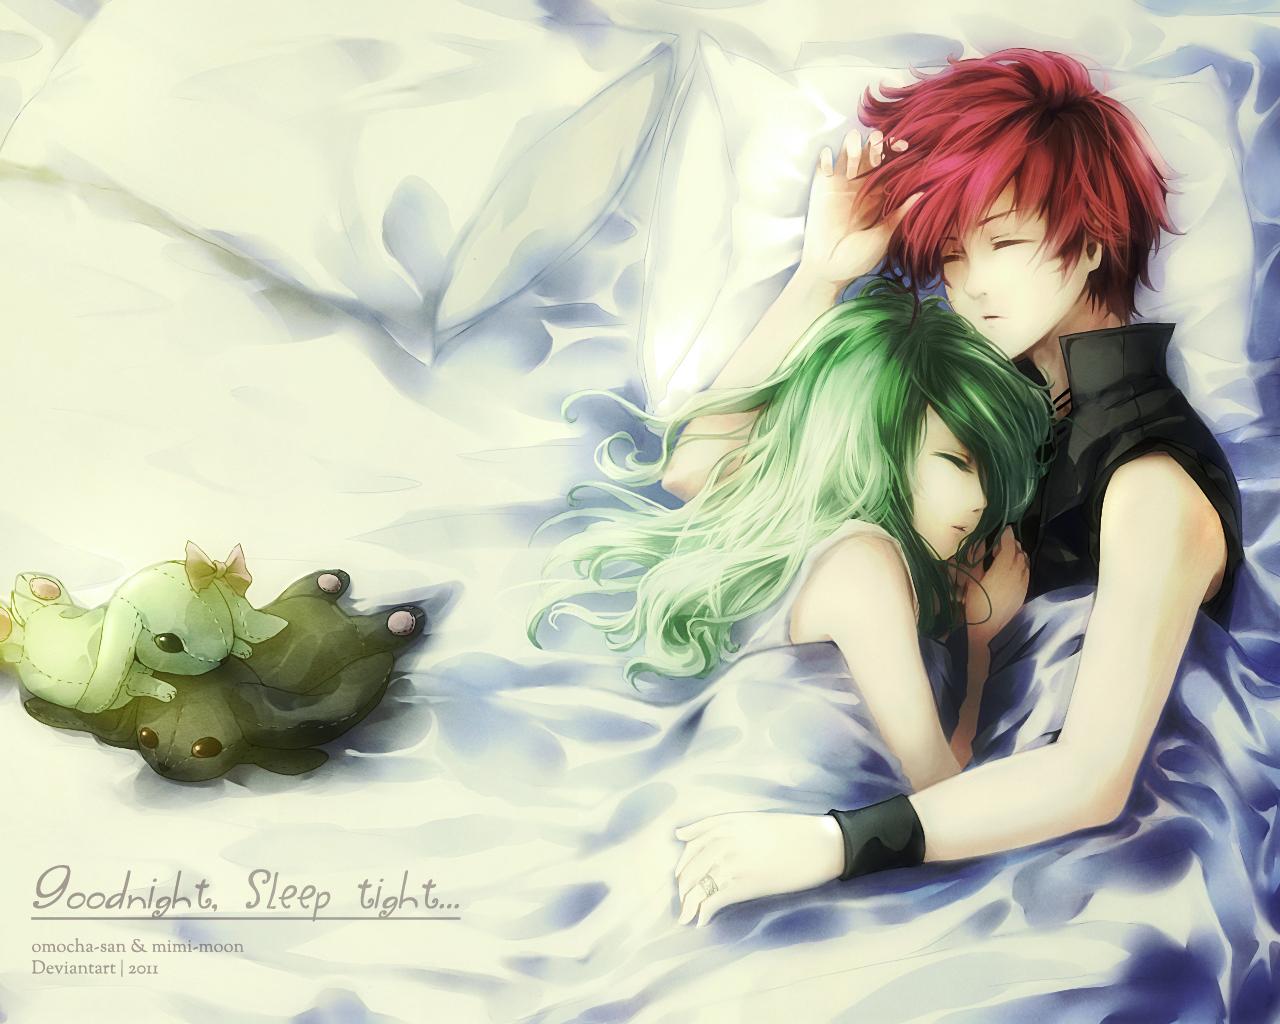 hình ảnh anime lãng mạn